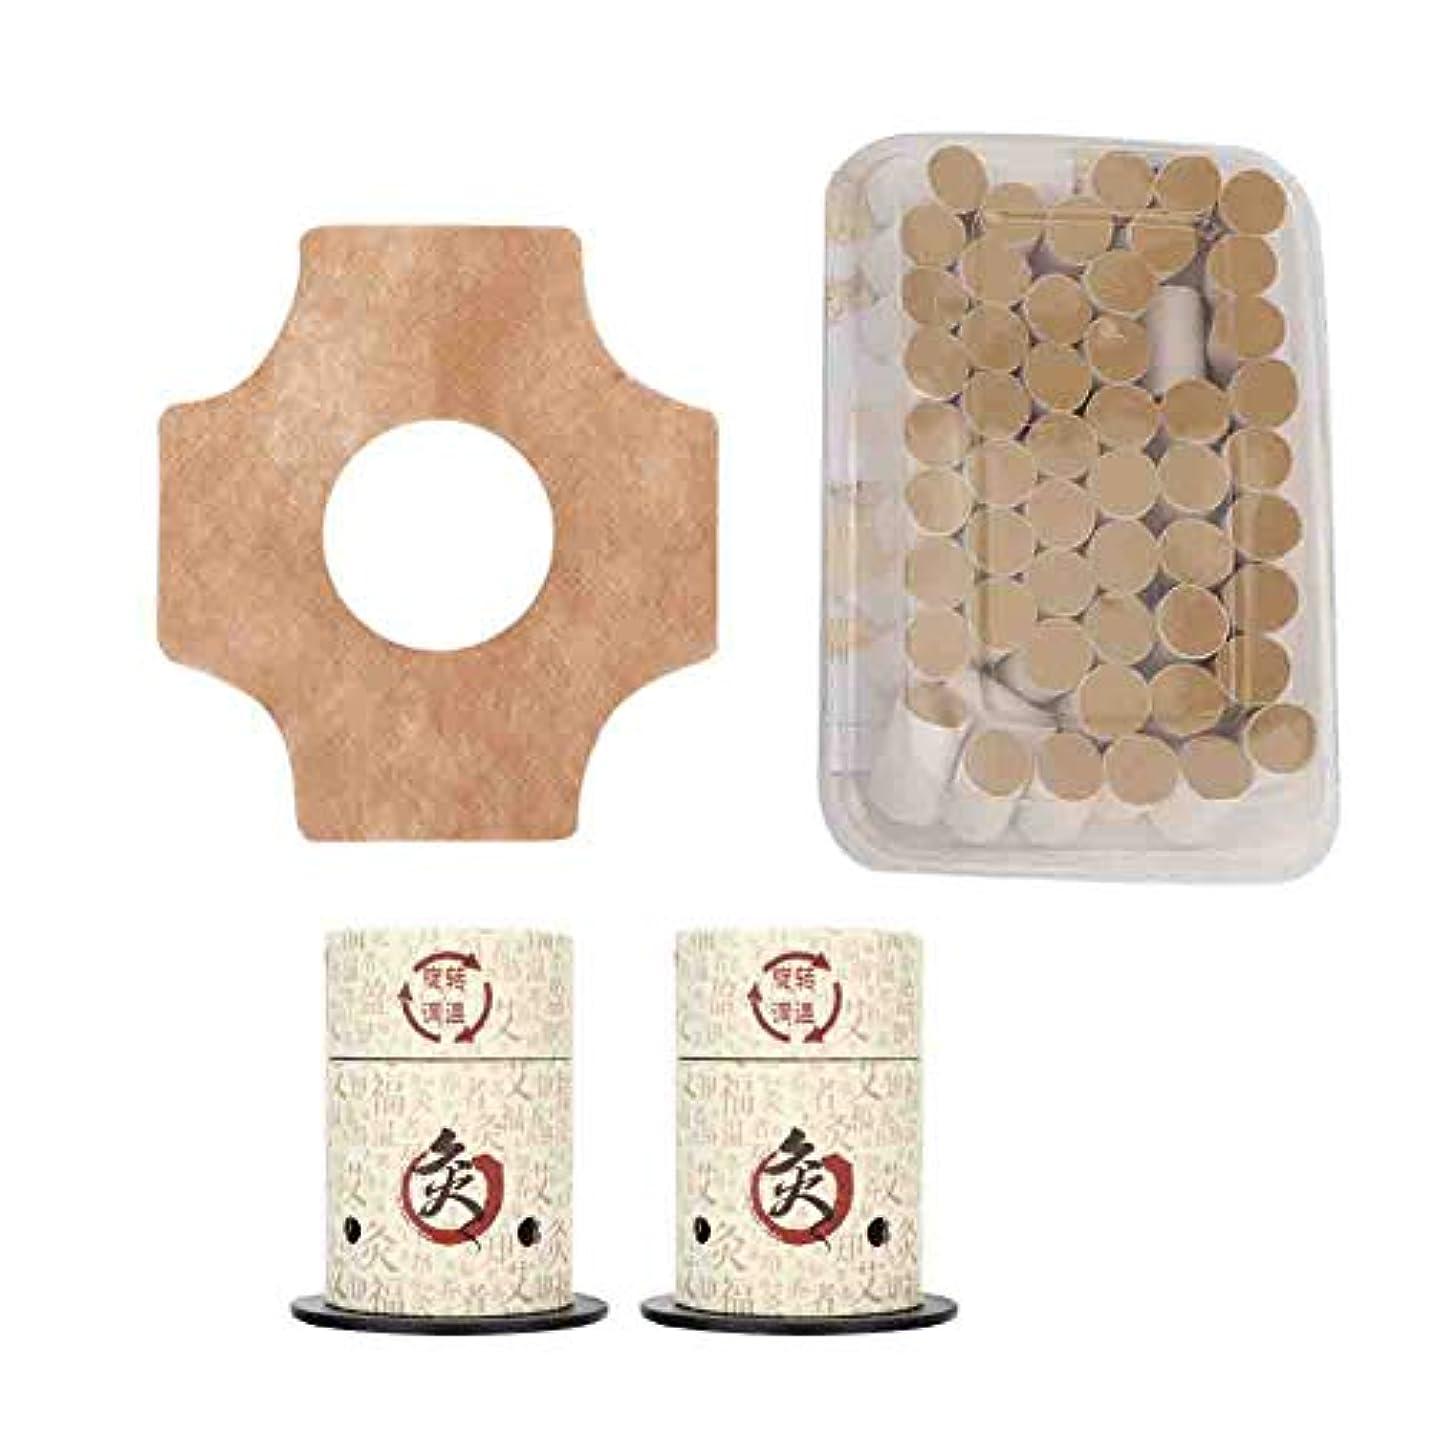 立派な小麦もの肩の背中のマッサージャー、関節の膝の痛みのケアのためのMの鍼Setセット家庭用くん蒸M器具